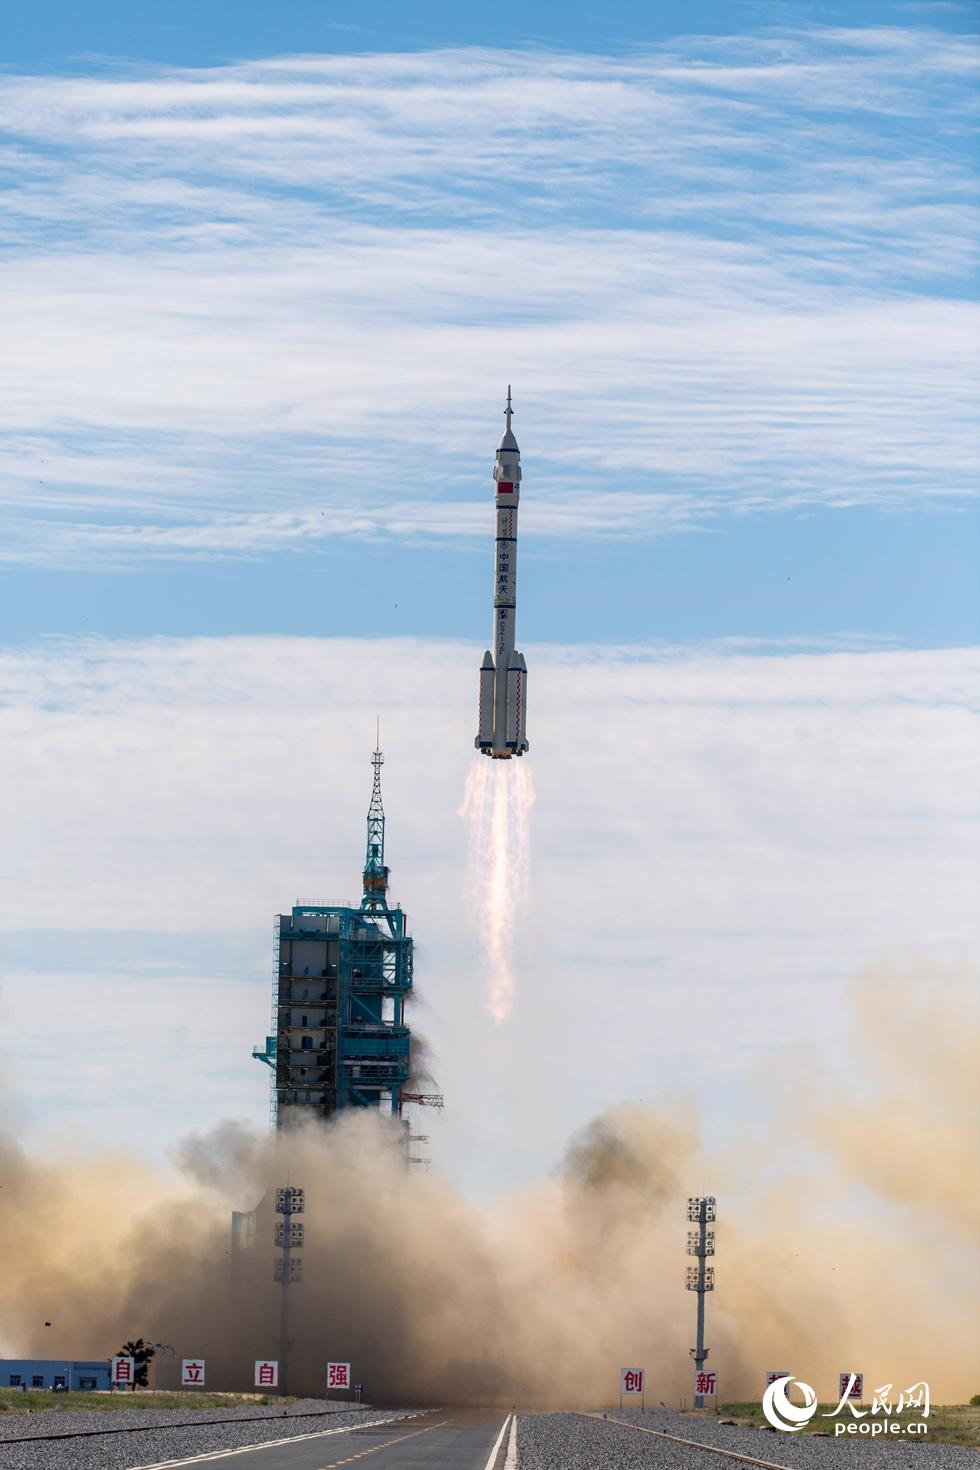 长征二号F遥十二运载火箭点火发射。人民网记者 翁奇羽摄